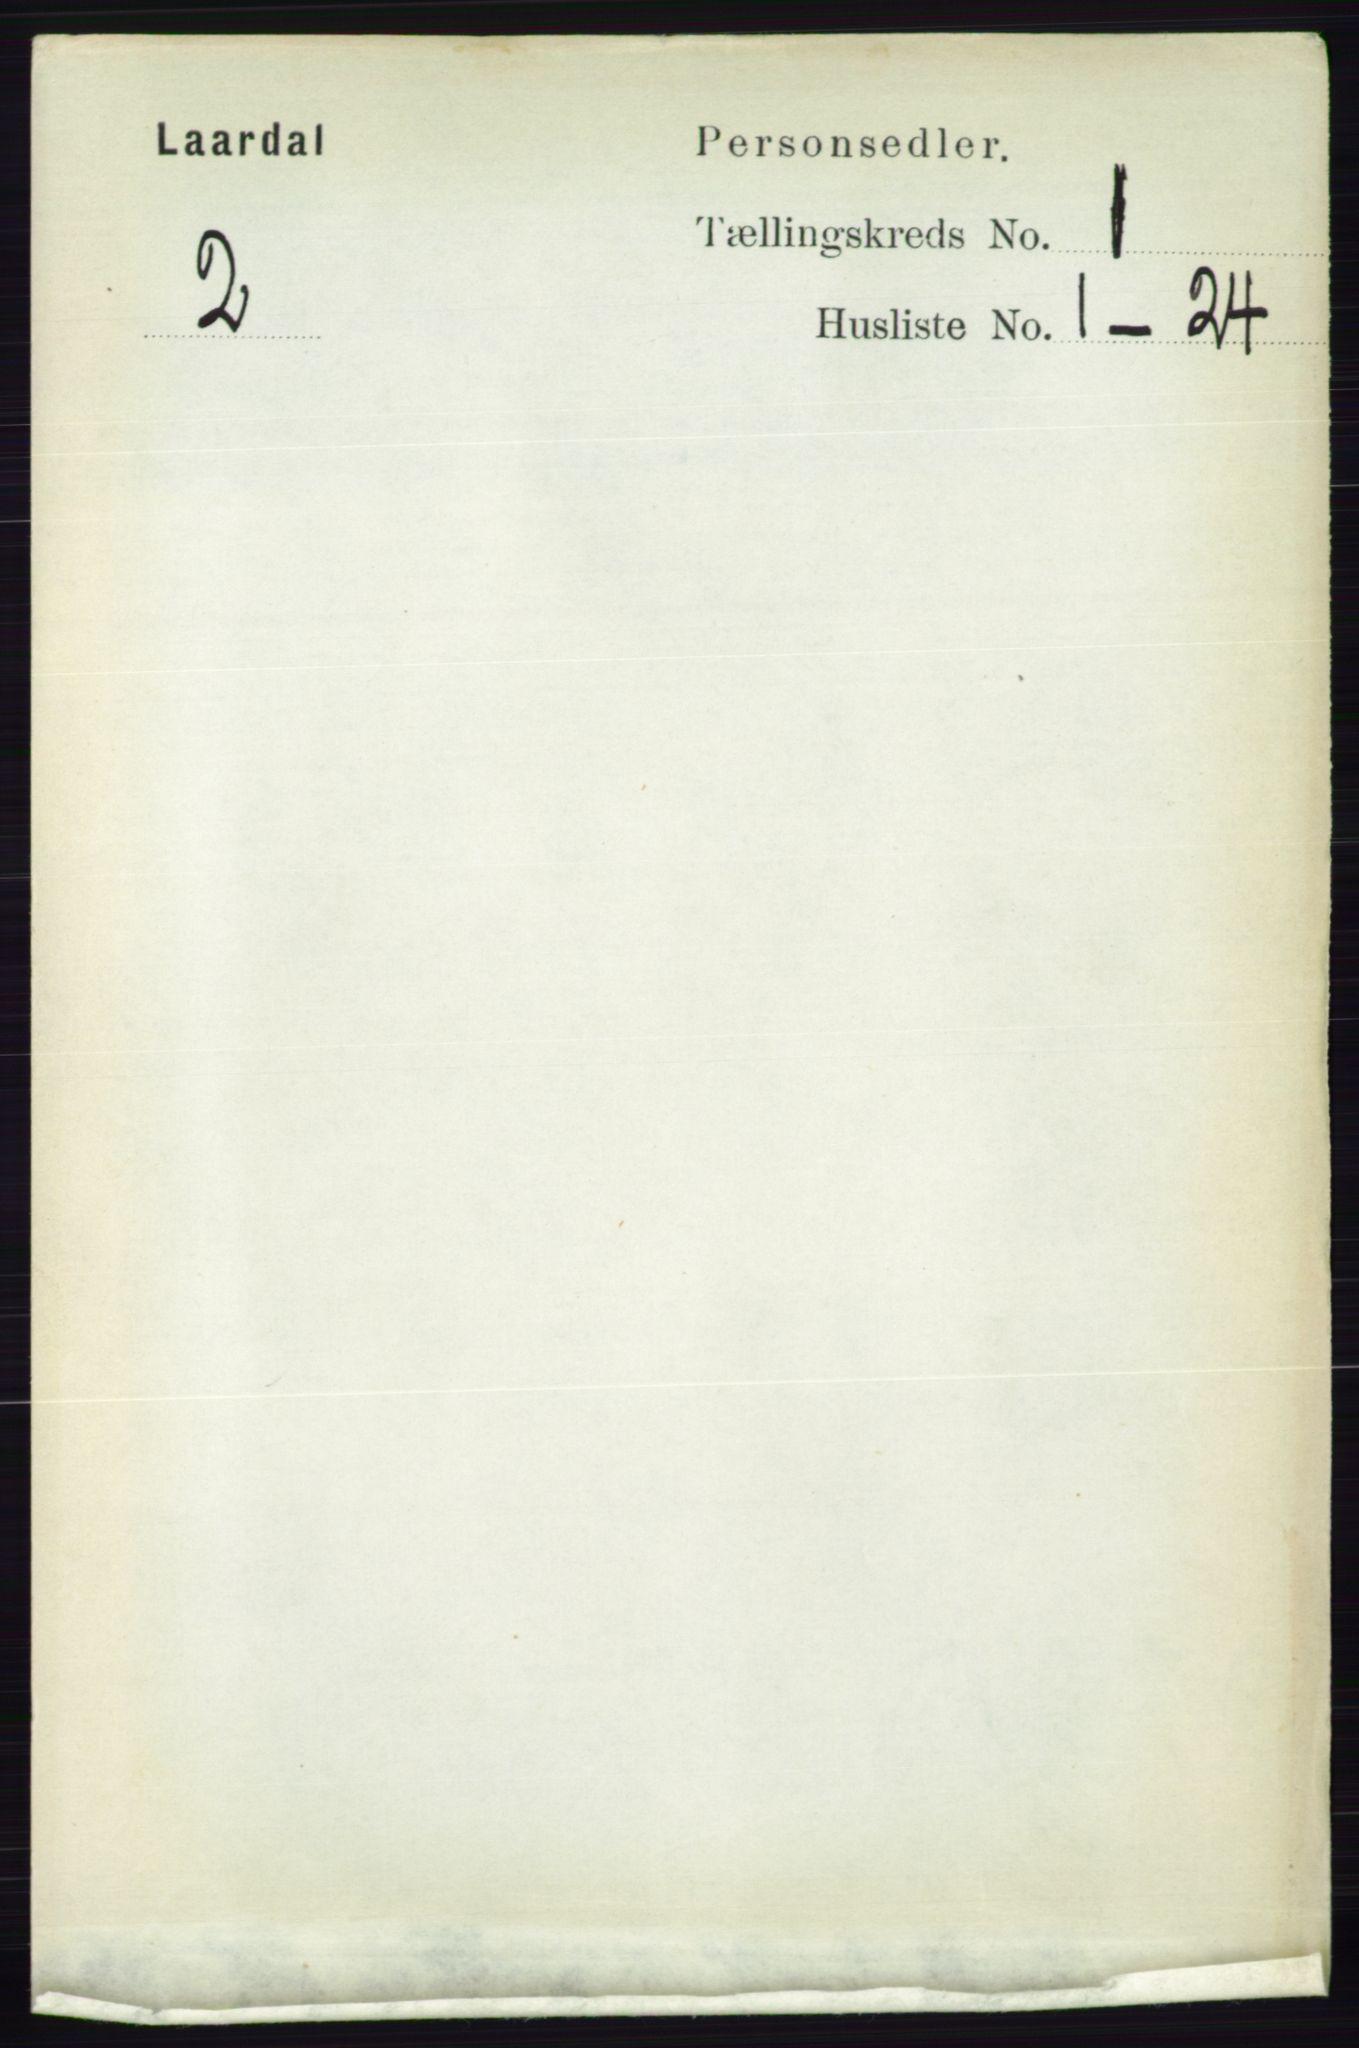 RA, Folketelling 1891 for 0833 Lårdal herred, 1891, s. 98